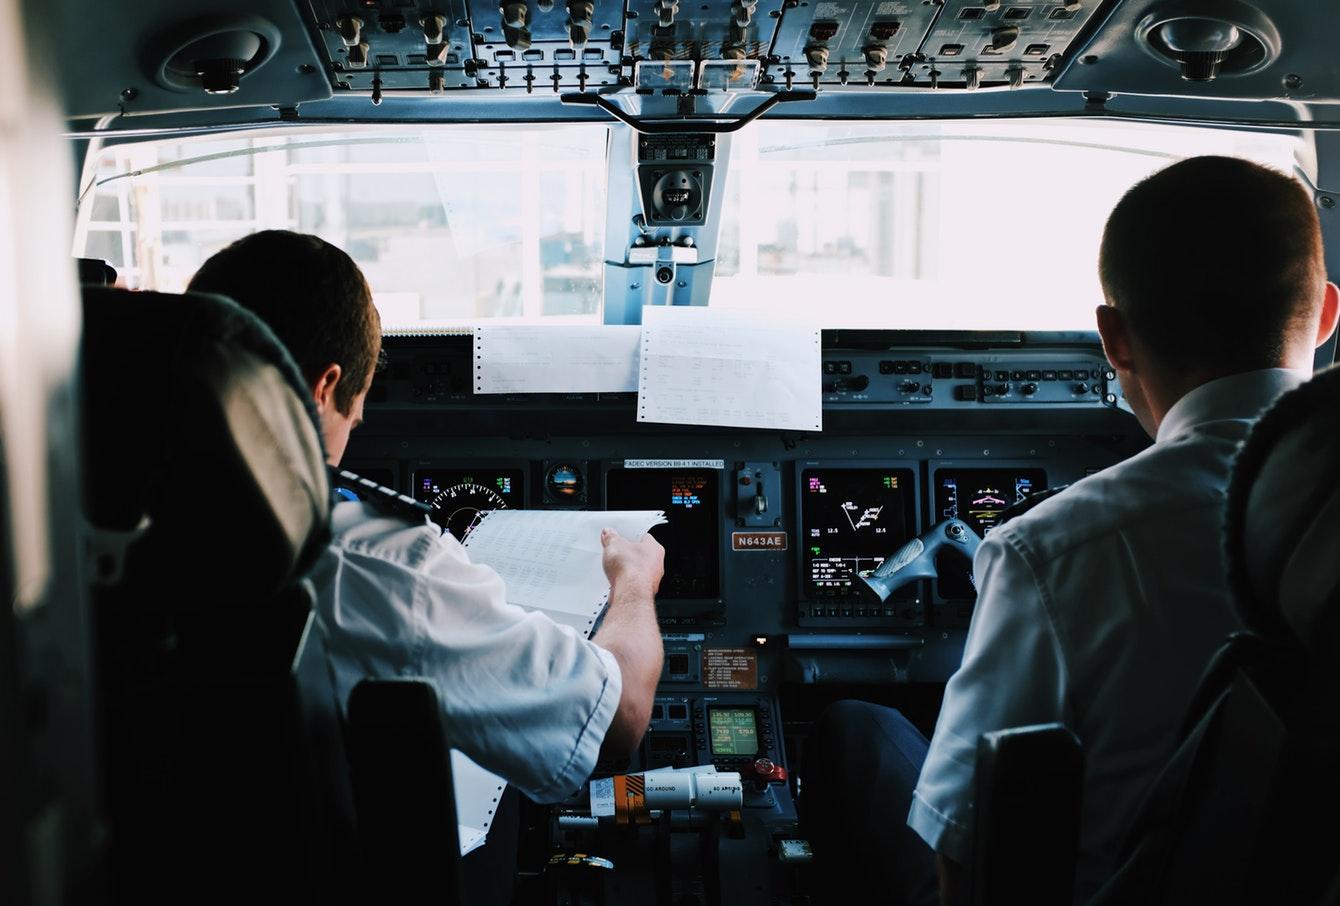 برای غلبه به ترس از پرواز به خلبانها اعتماد کنید